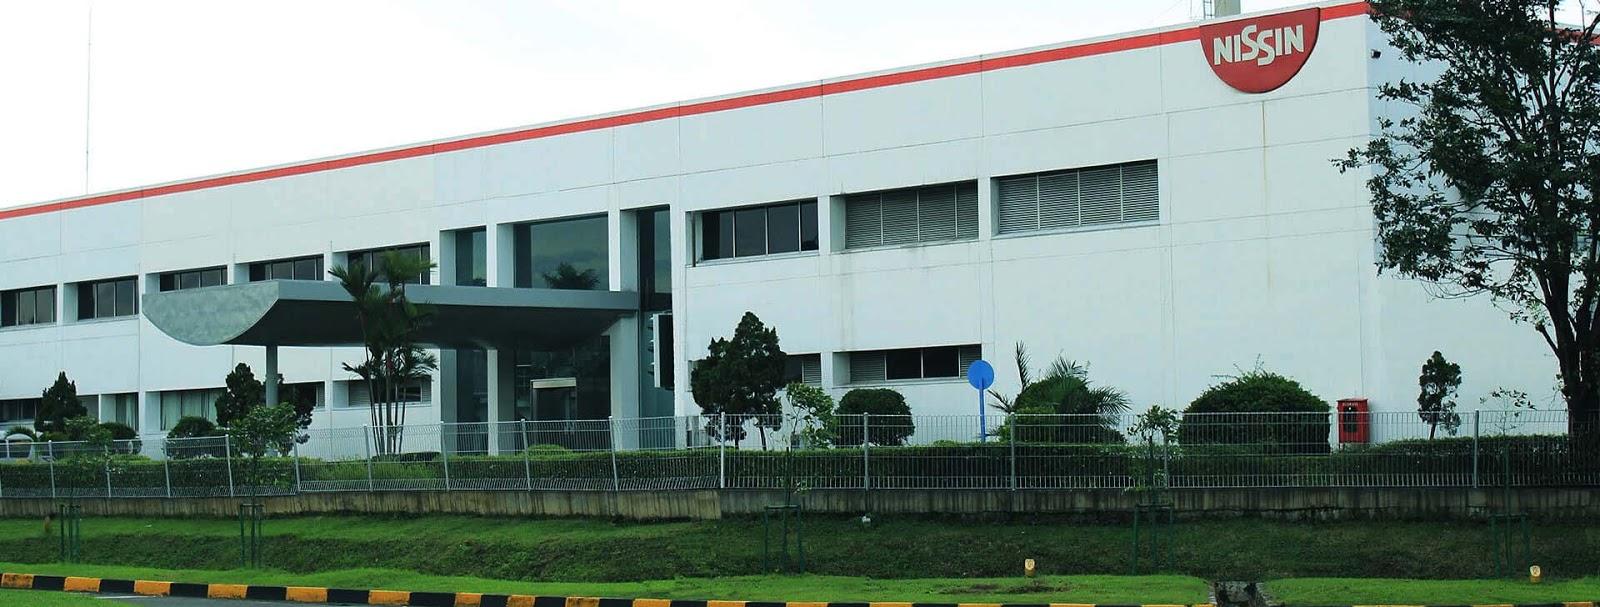 Loker Operator Produksi Pabrik Via Online di PT Nissin Food Indonesia Cikarang